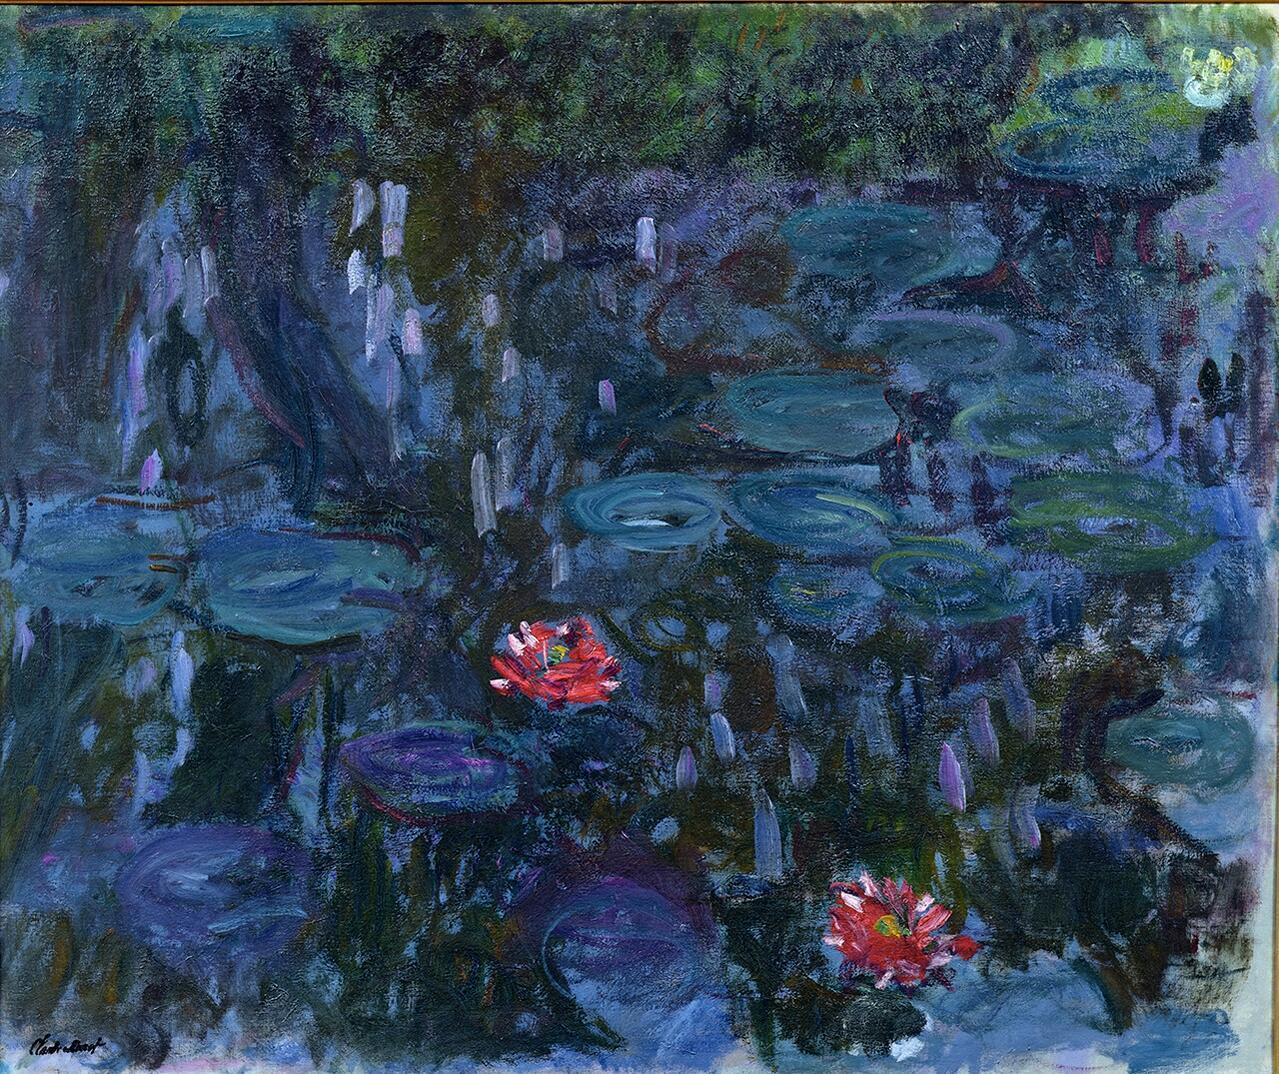 巴黎玛蒙丹-莫内美术馆Marmottan Monet展览画作:睡莲垂柳倒影(1916-19)